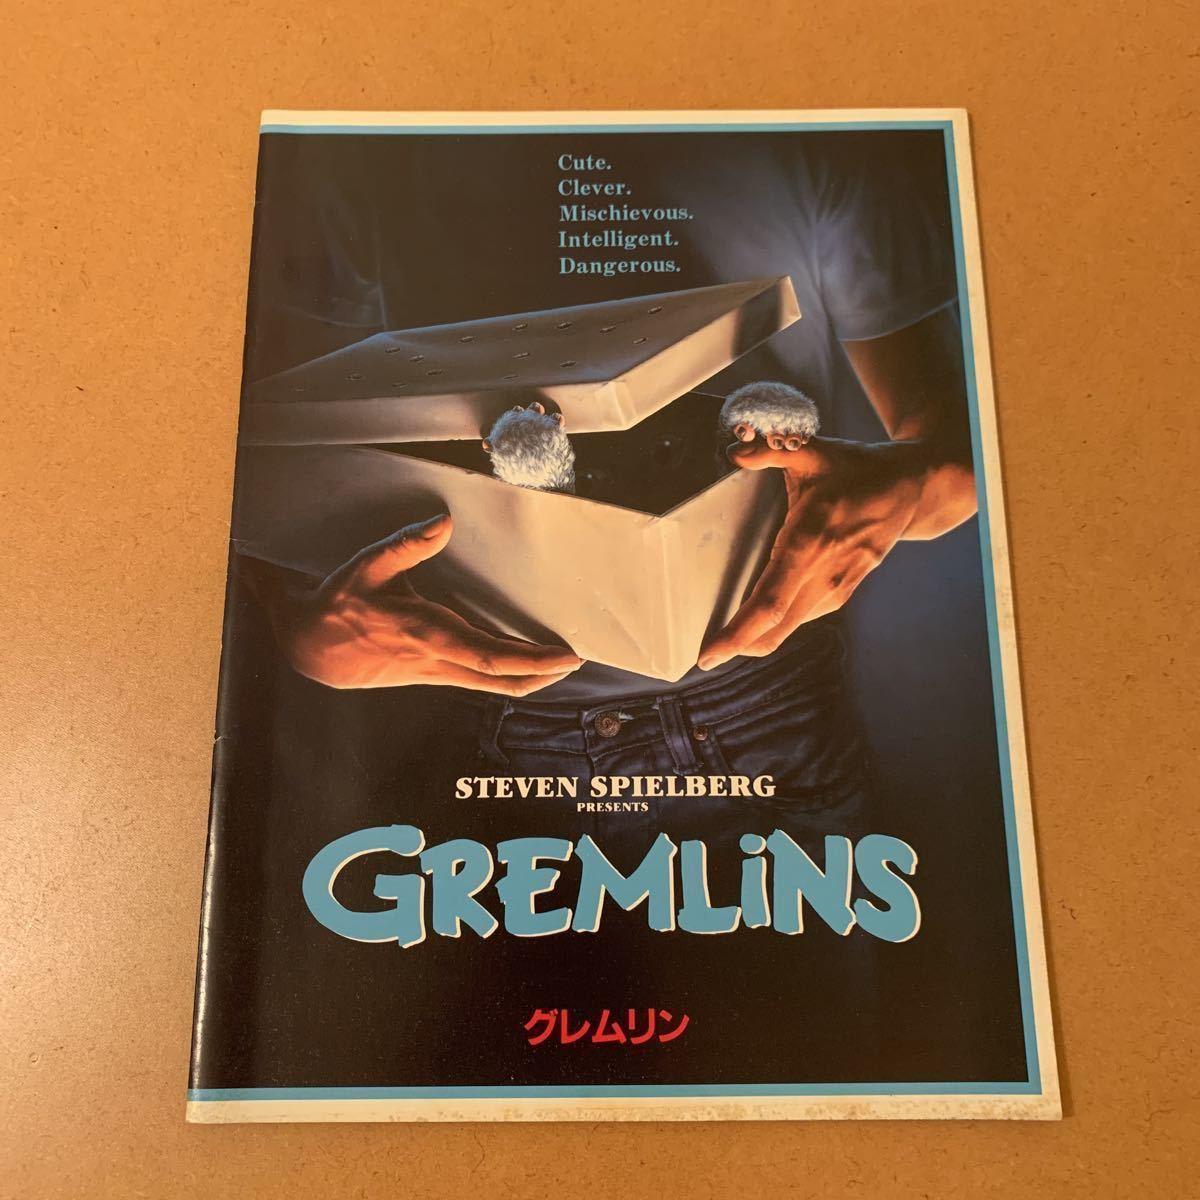 【映画パンフレット】『グレムリン』1984年公開作品 製作総指揮 スティーブン・スピルバーグ_画像1